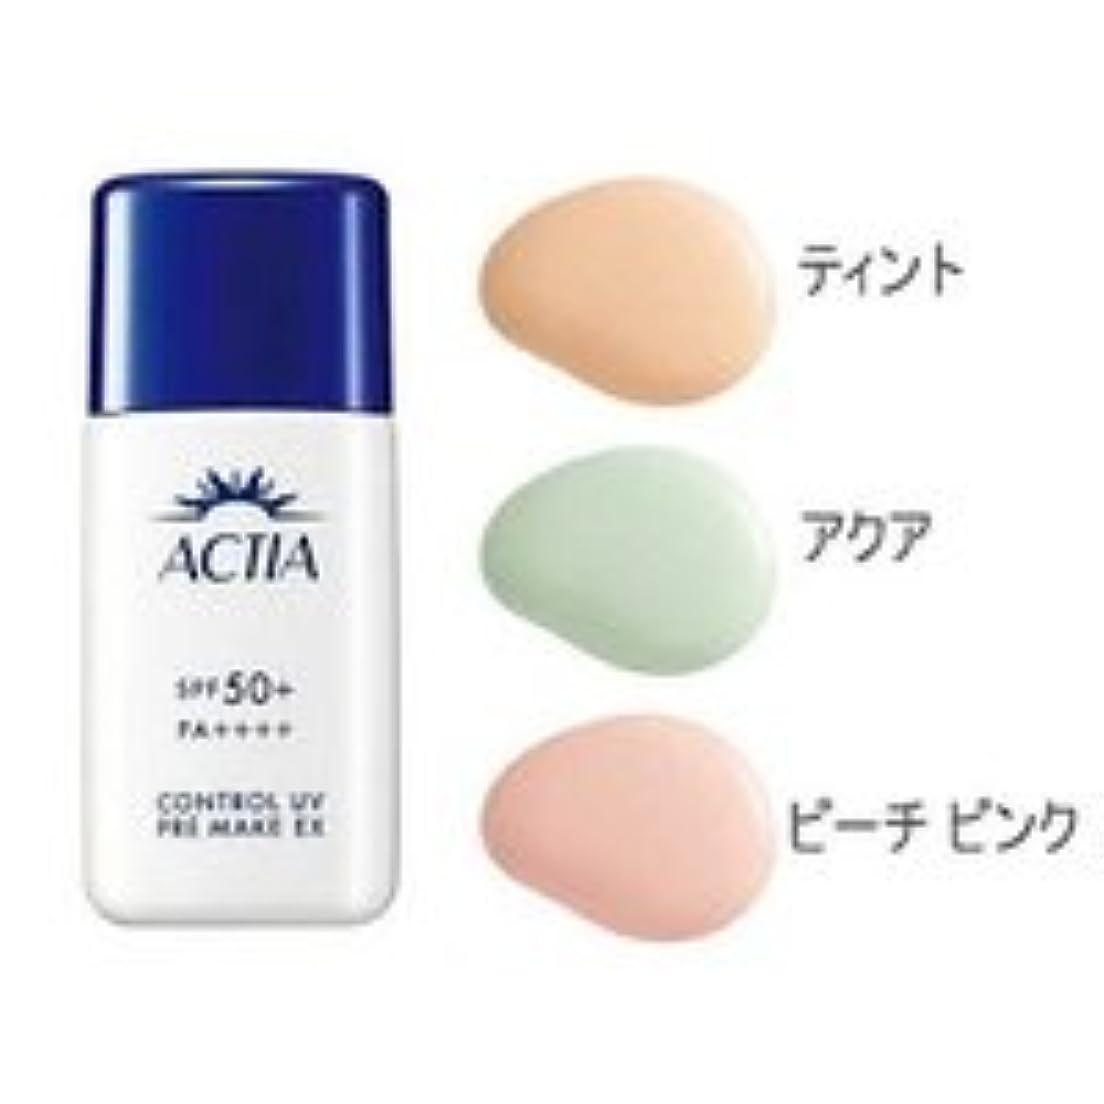 飼い慣らす球体褐色エイボン (AVON) アクティア コントロール UV プレメイク EX 30ml (ティント)